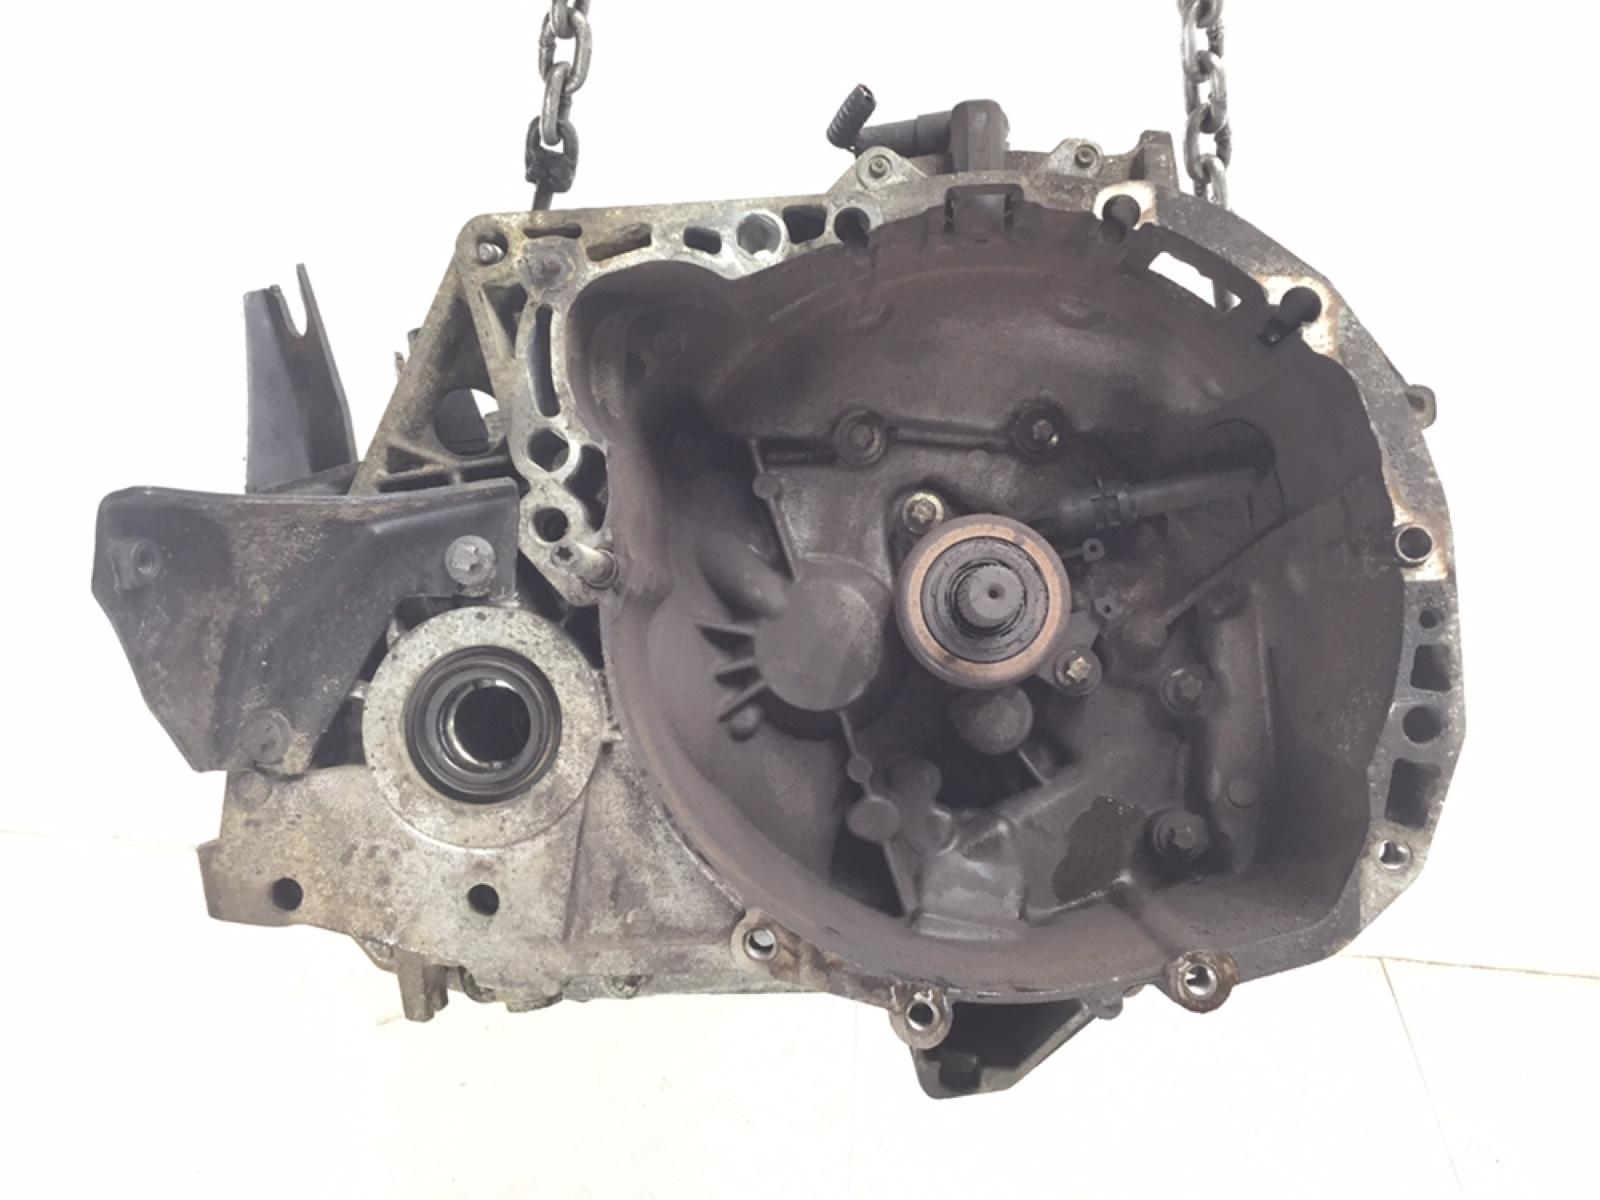 Кпп механическая (мкпп) Nissan Micra K12 1.5 DCI 2003 (б/у)